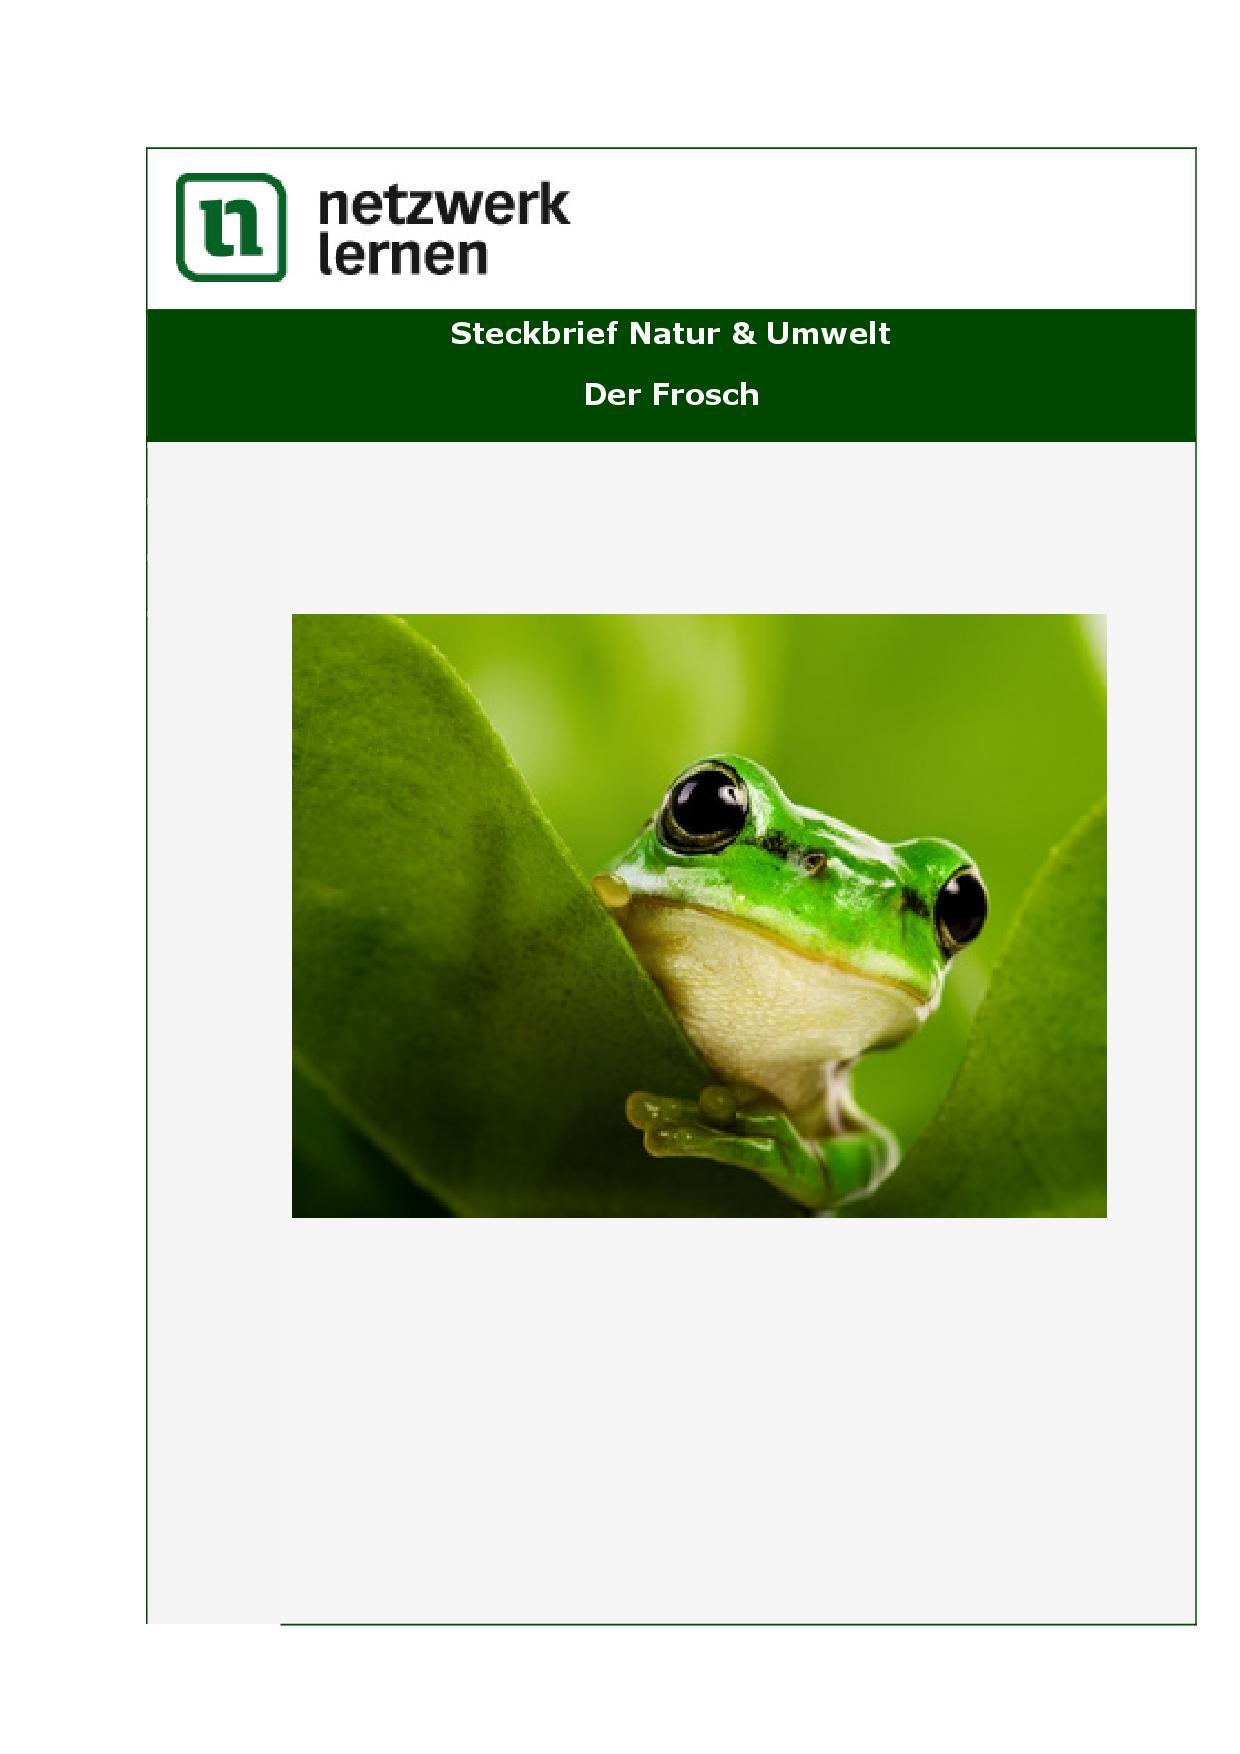 Netzwerk Lernen Steckbrief Natur & Umwelt   Der Frosch